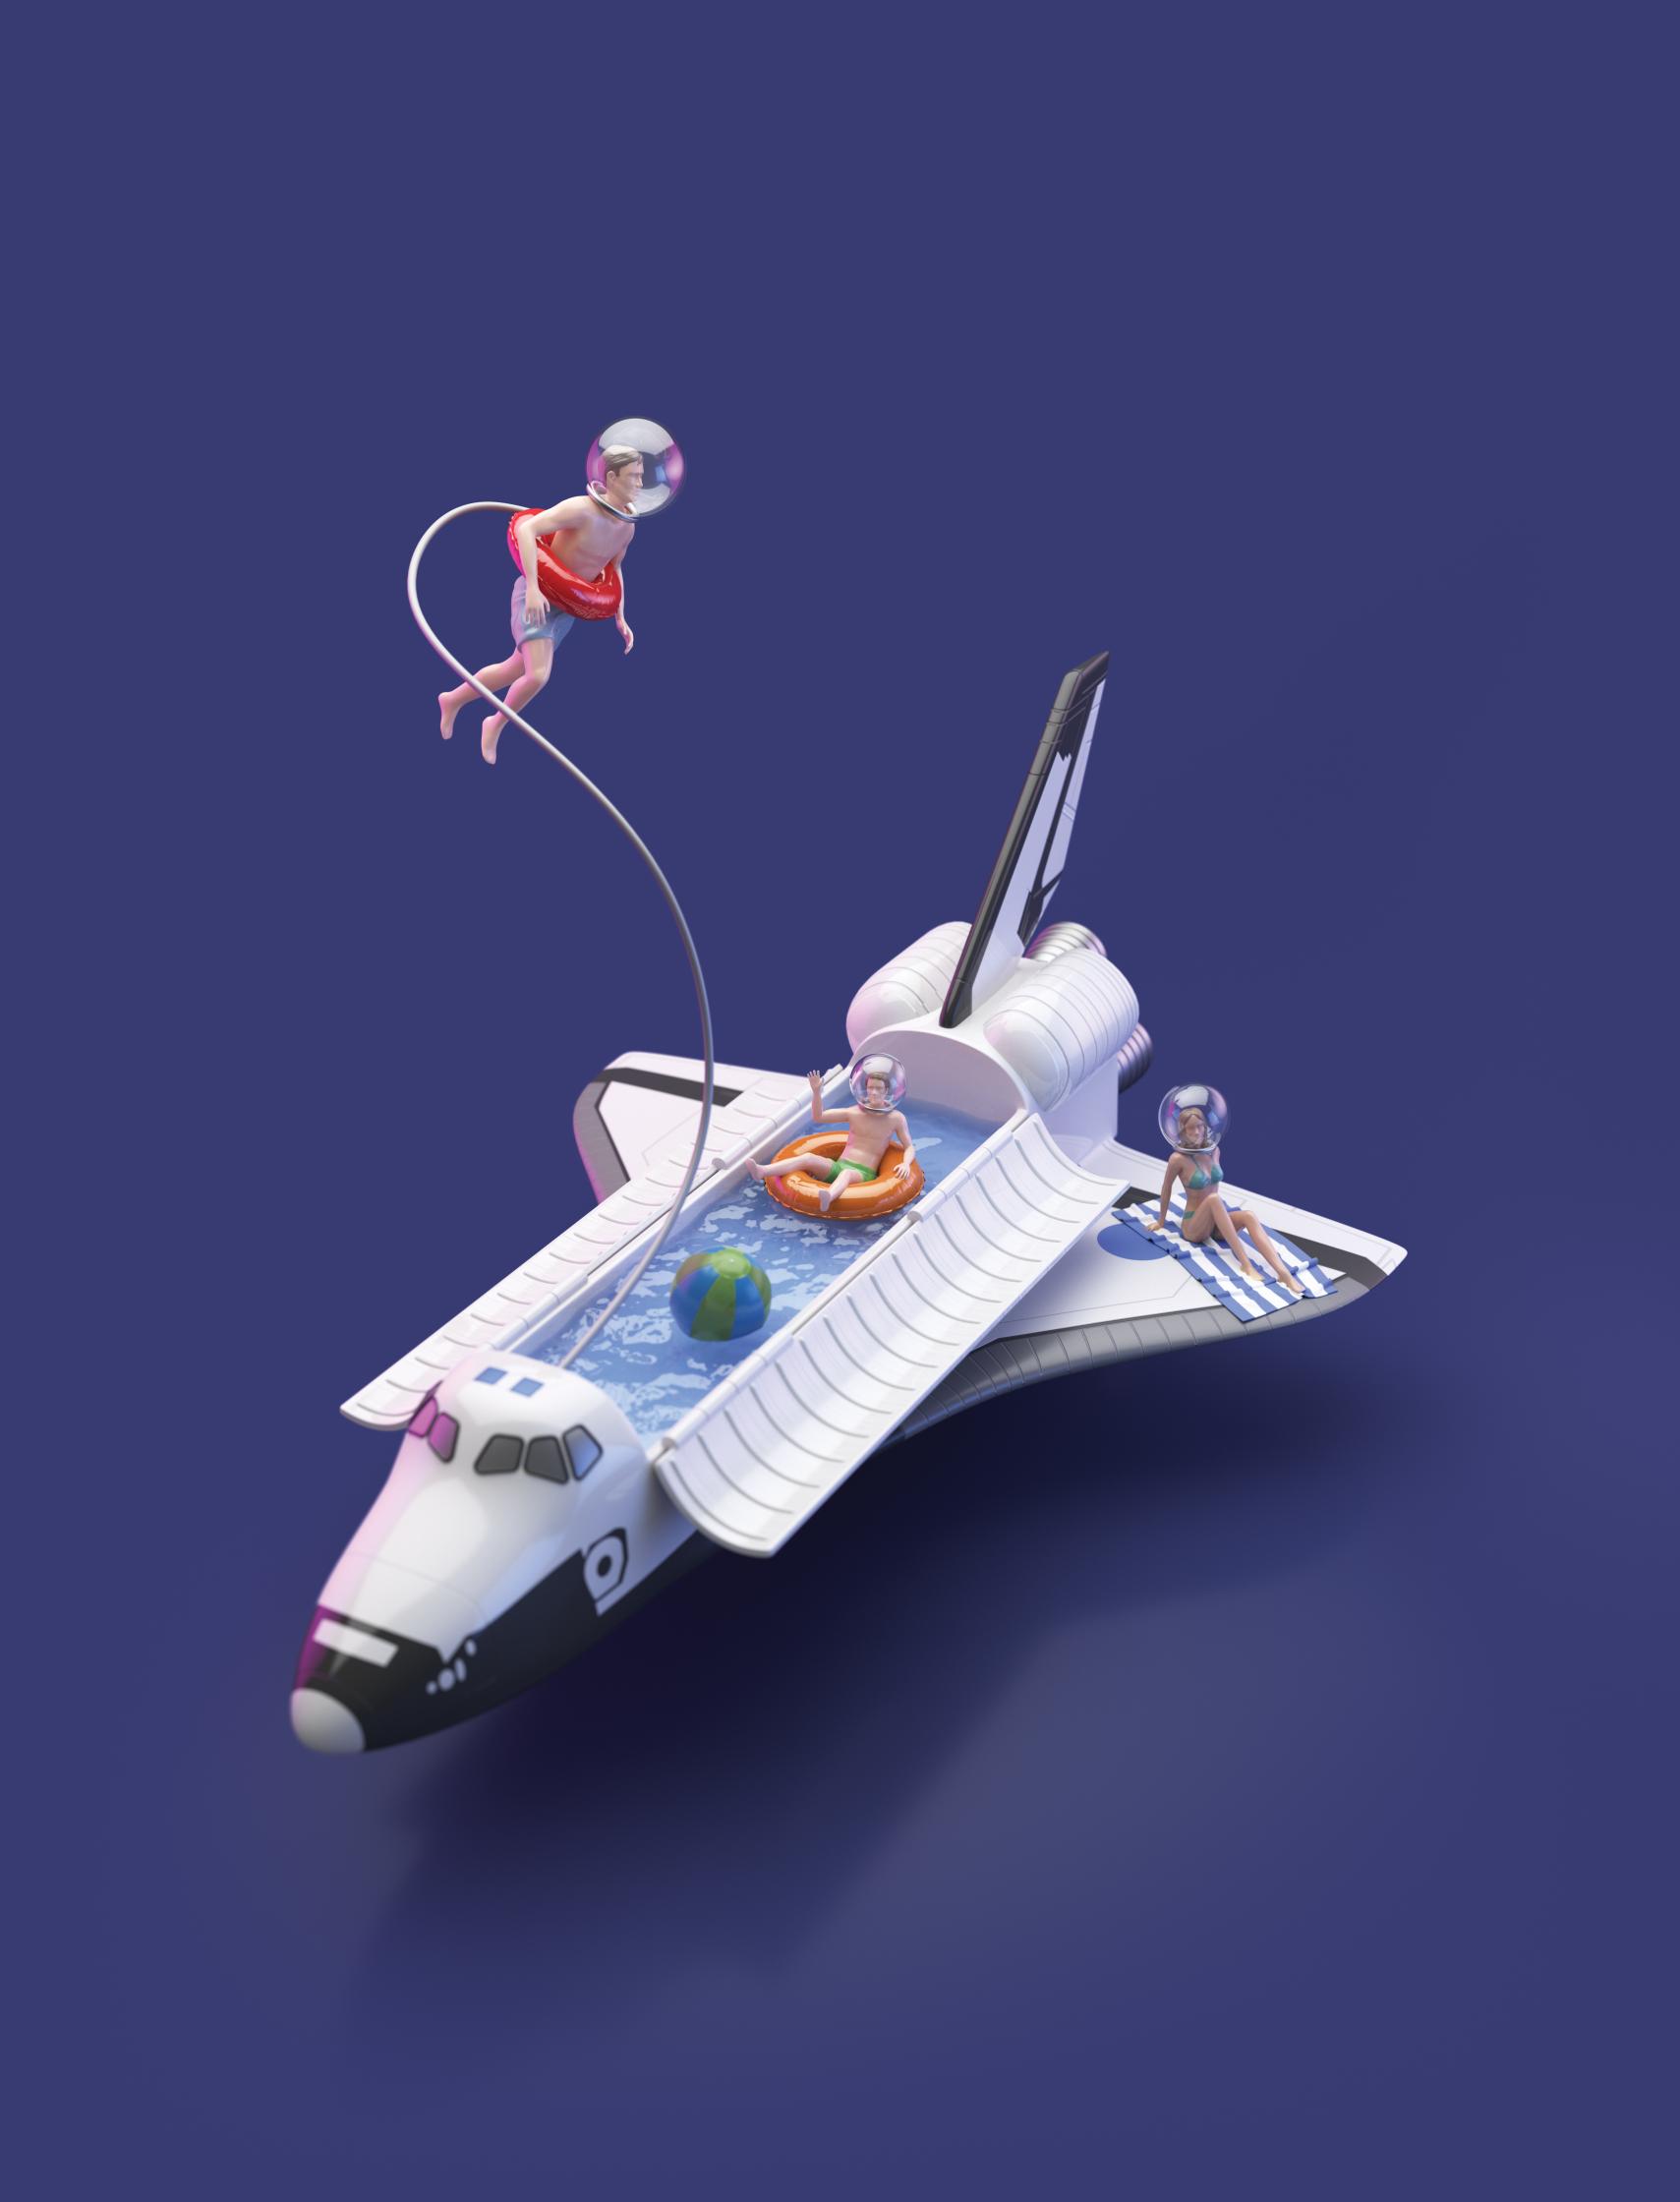 MDI_Virgin_Shuttle copy.jpg